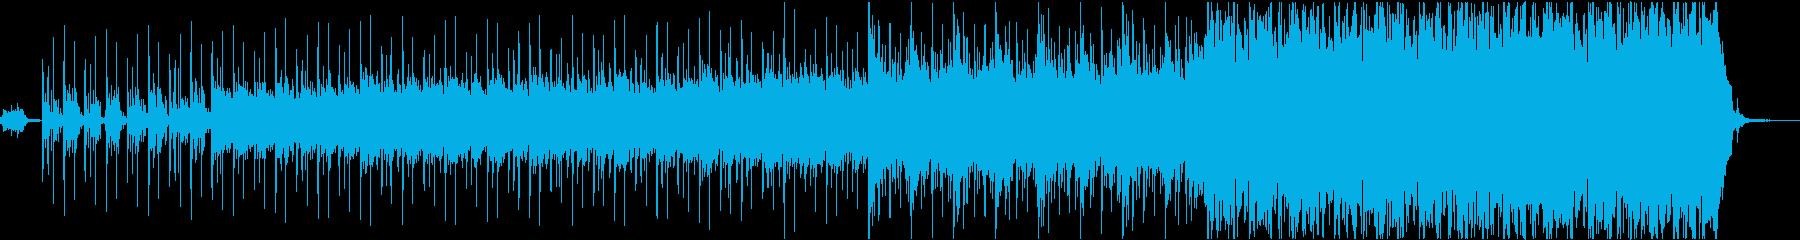 現代の交響曲 あたたかい 幸せ フ...の再生済みの波形